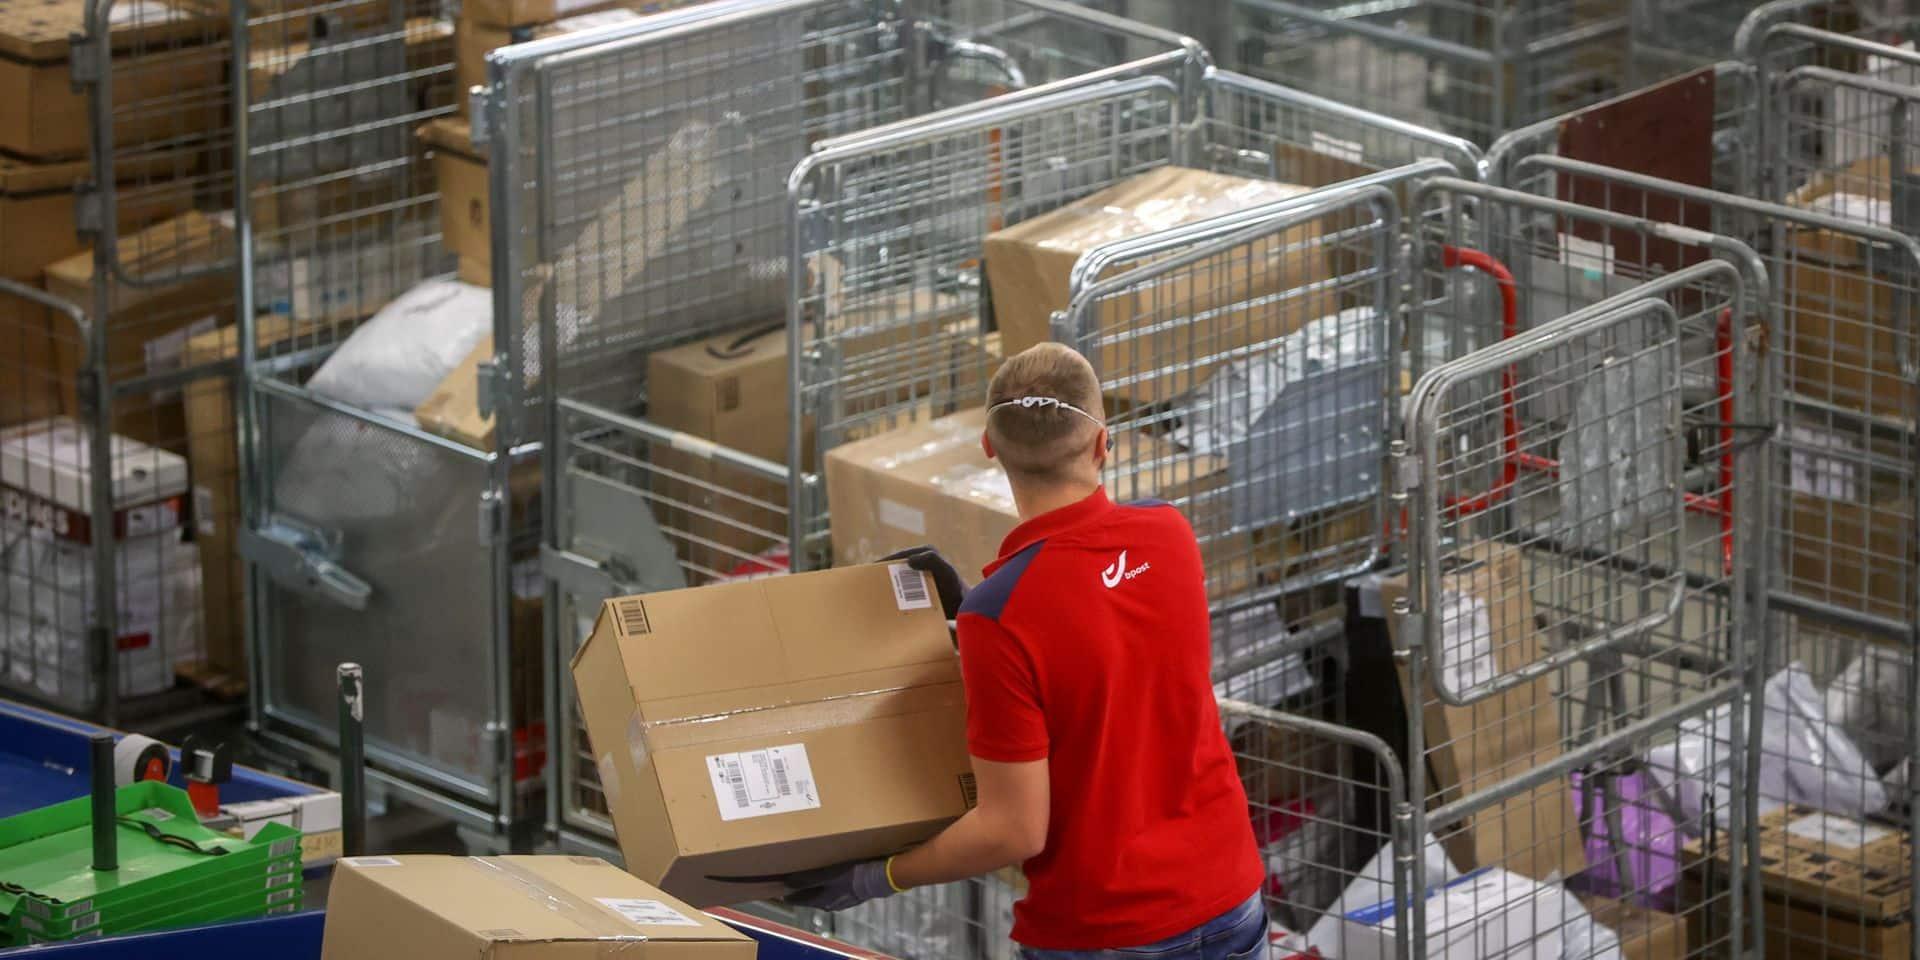 Rush des commandes chez bpost : le cap des 5 millions de colis franchi